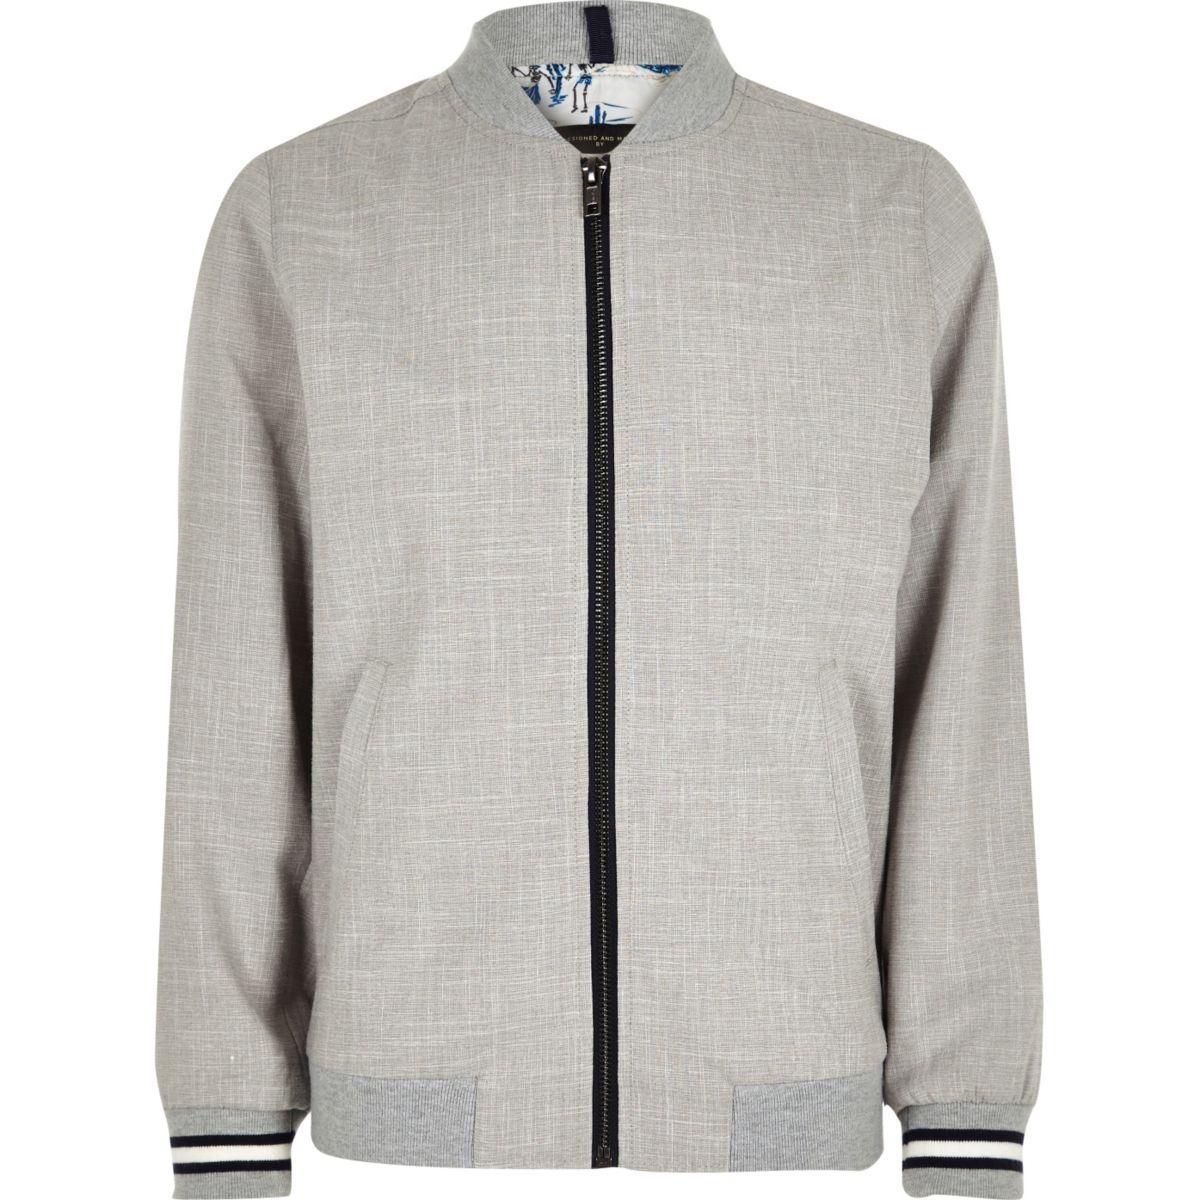 Boys grey textured bomber jacket